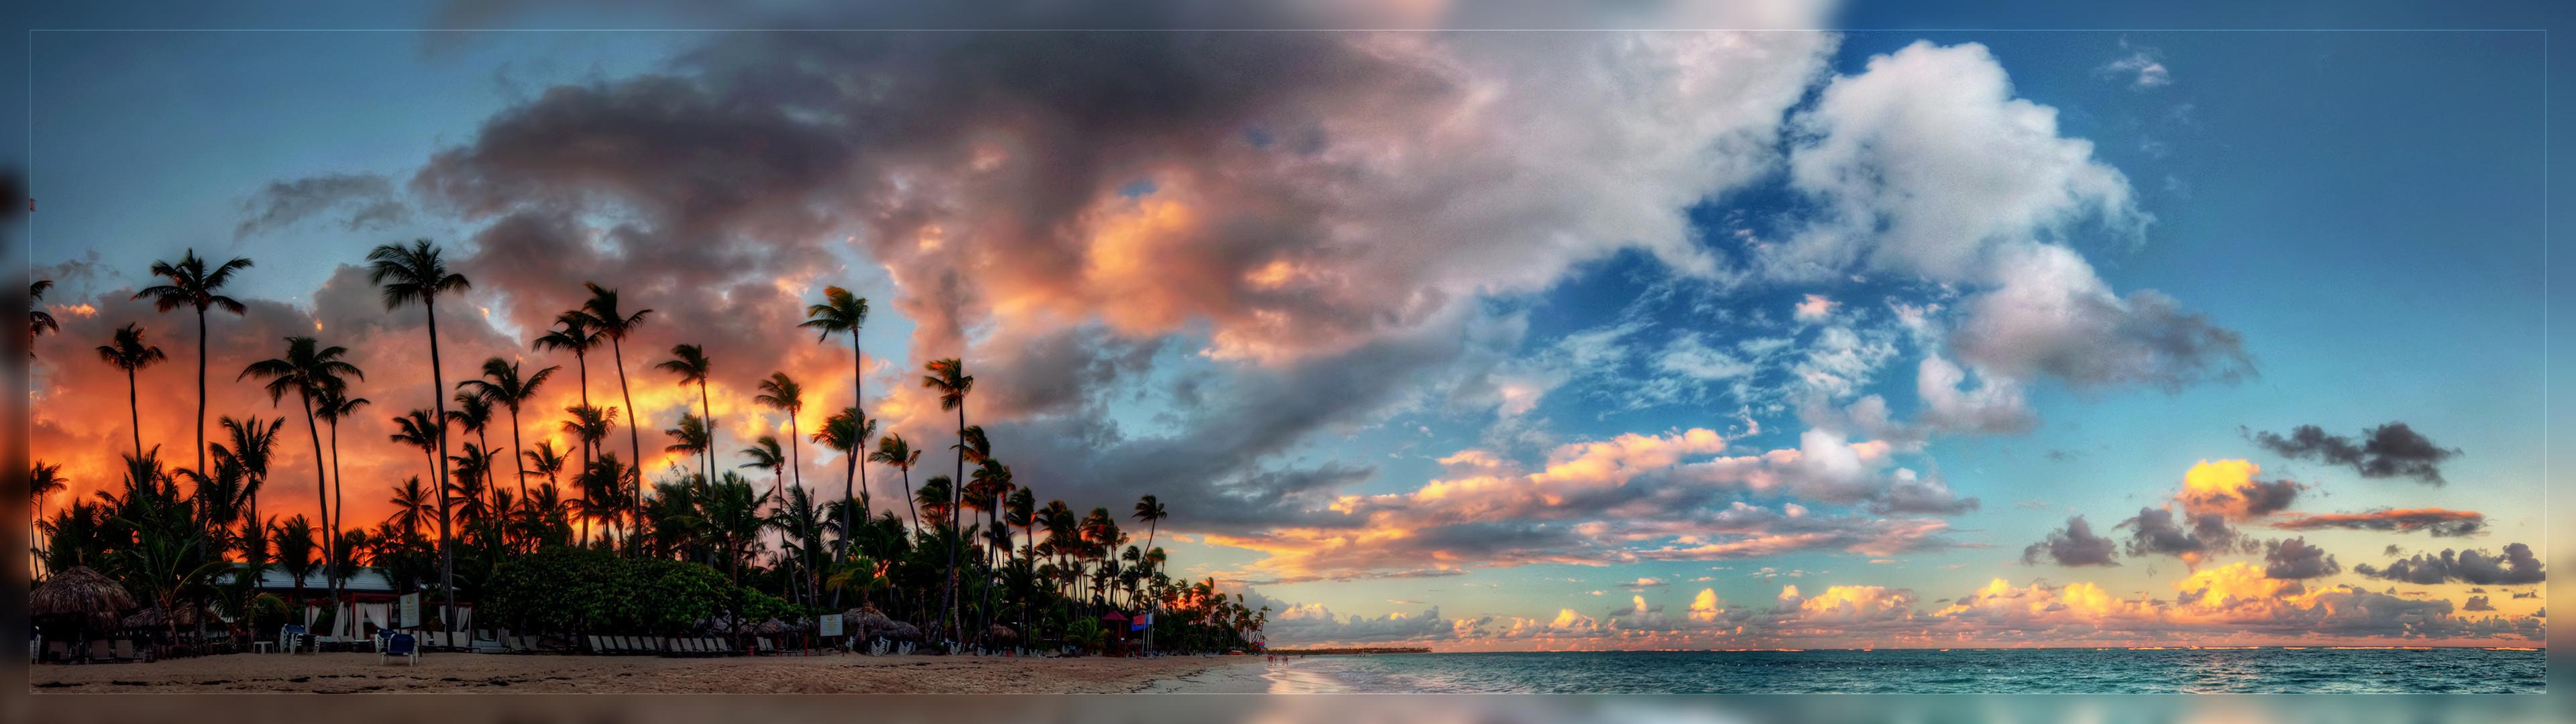 Dual Monitor Wallpaper Beach 2560×1024 – High Definition .